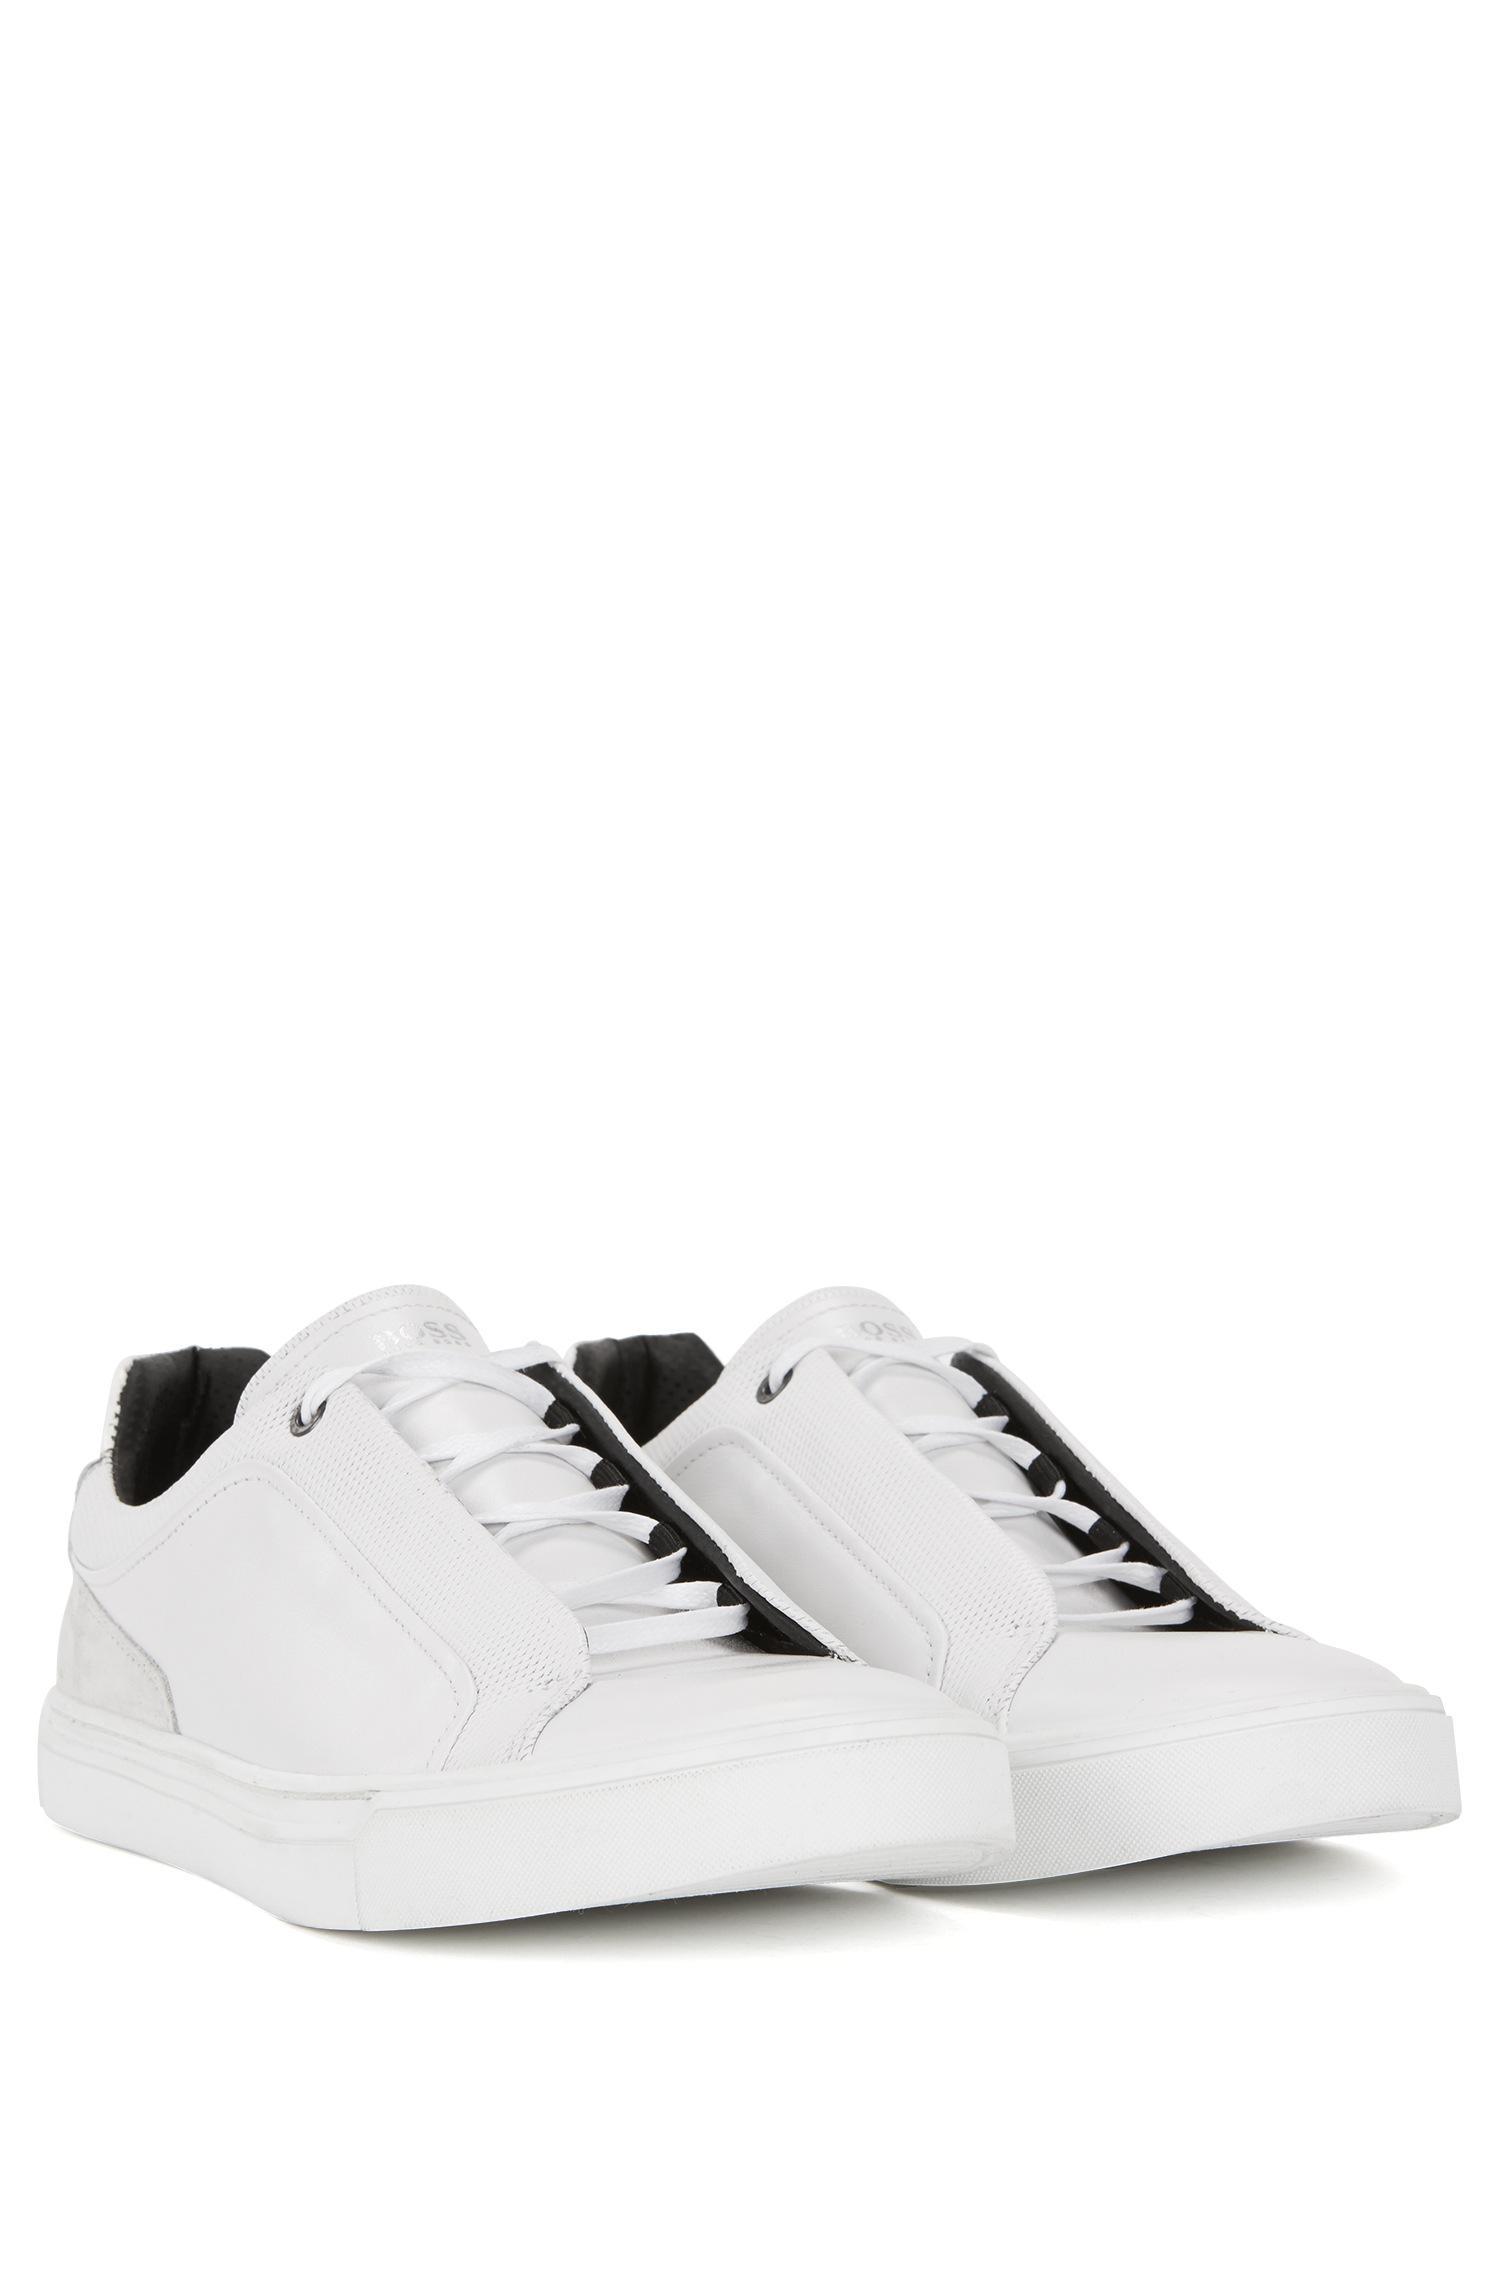 Hugo Boss Mercedes-benz Sneakers